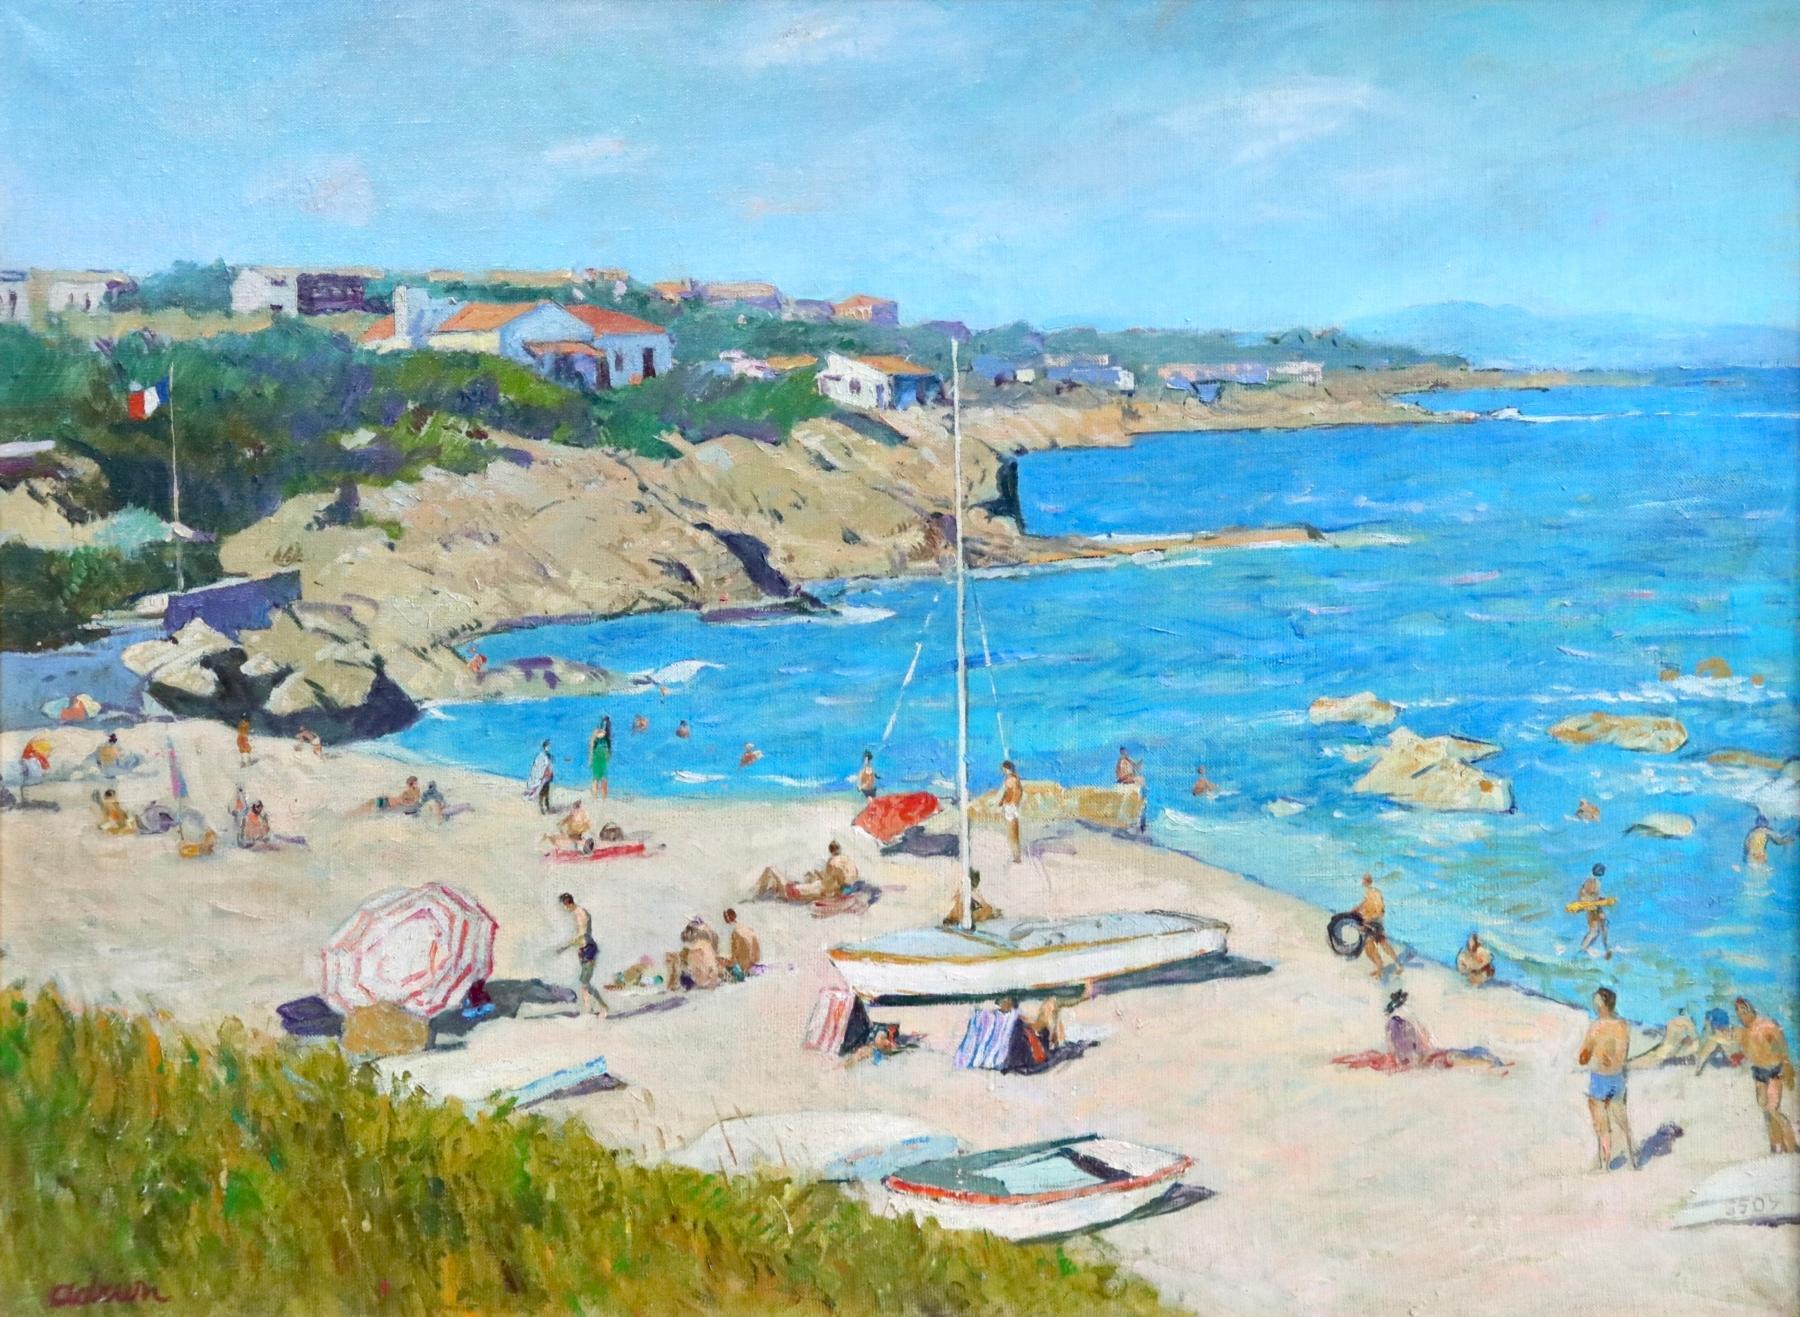 Sur la Plage - Post Impressionist Oil, Figures on Beach Seascape - Lucien Adrion